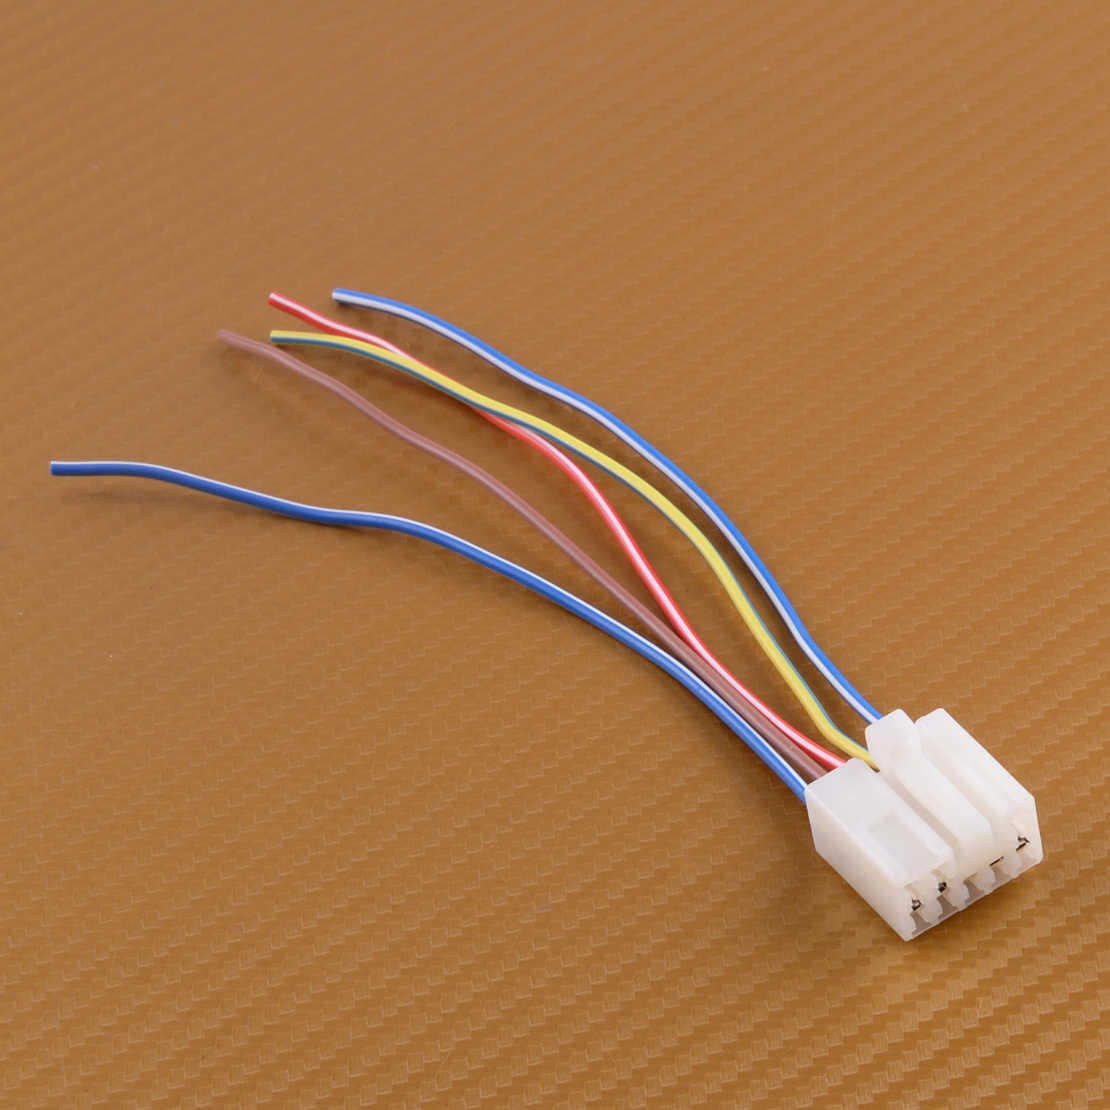 medium resolution of dwcx fog light switch plug pigtail 3727077j00 fit for suzuki sx4 swift lingyang alto grand vitara